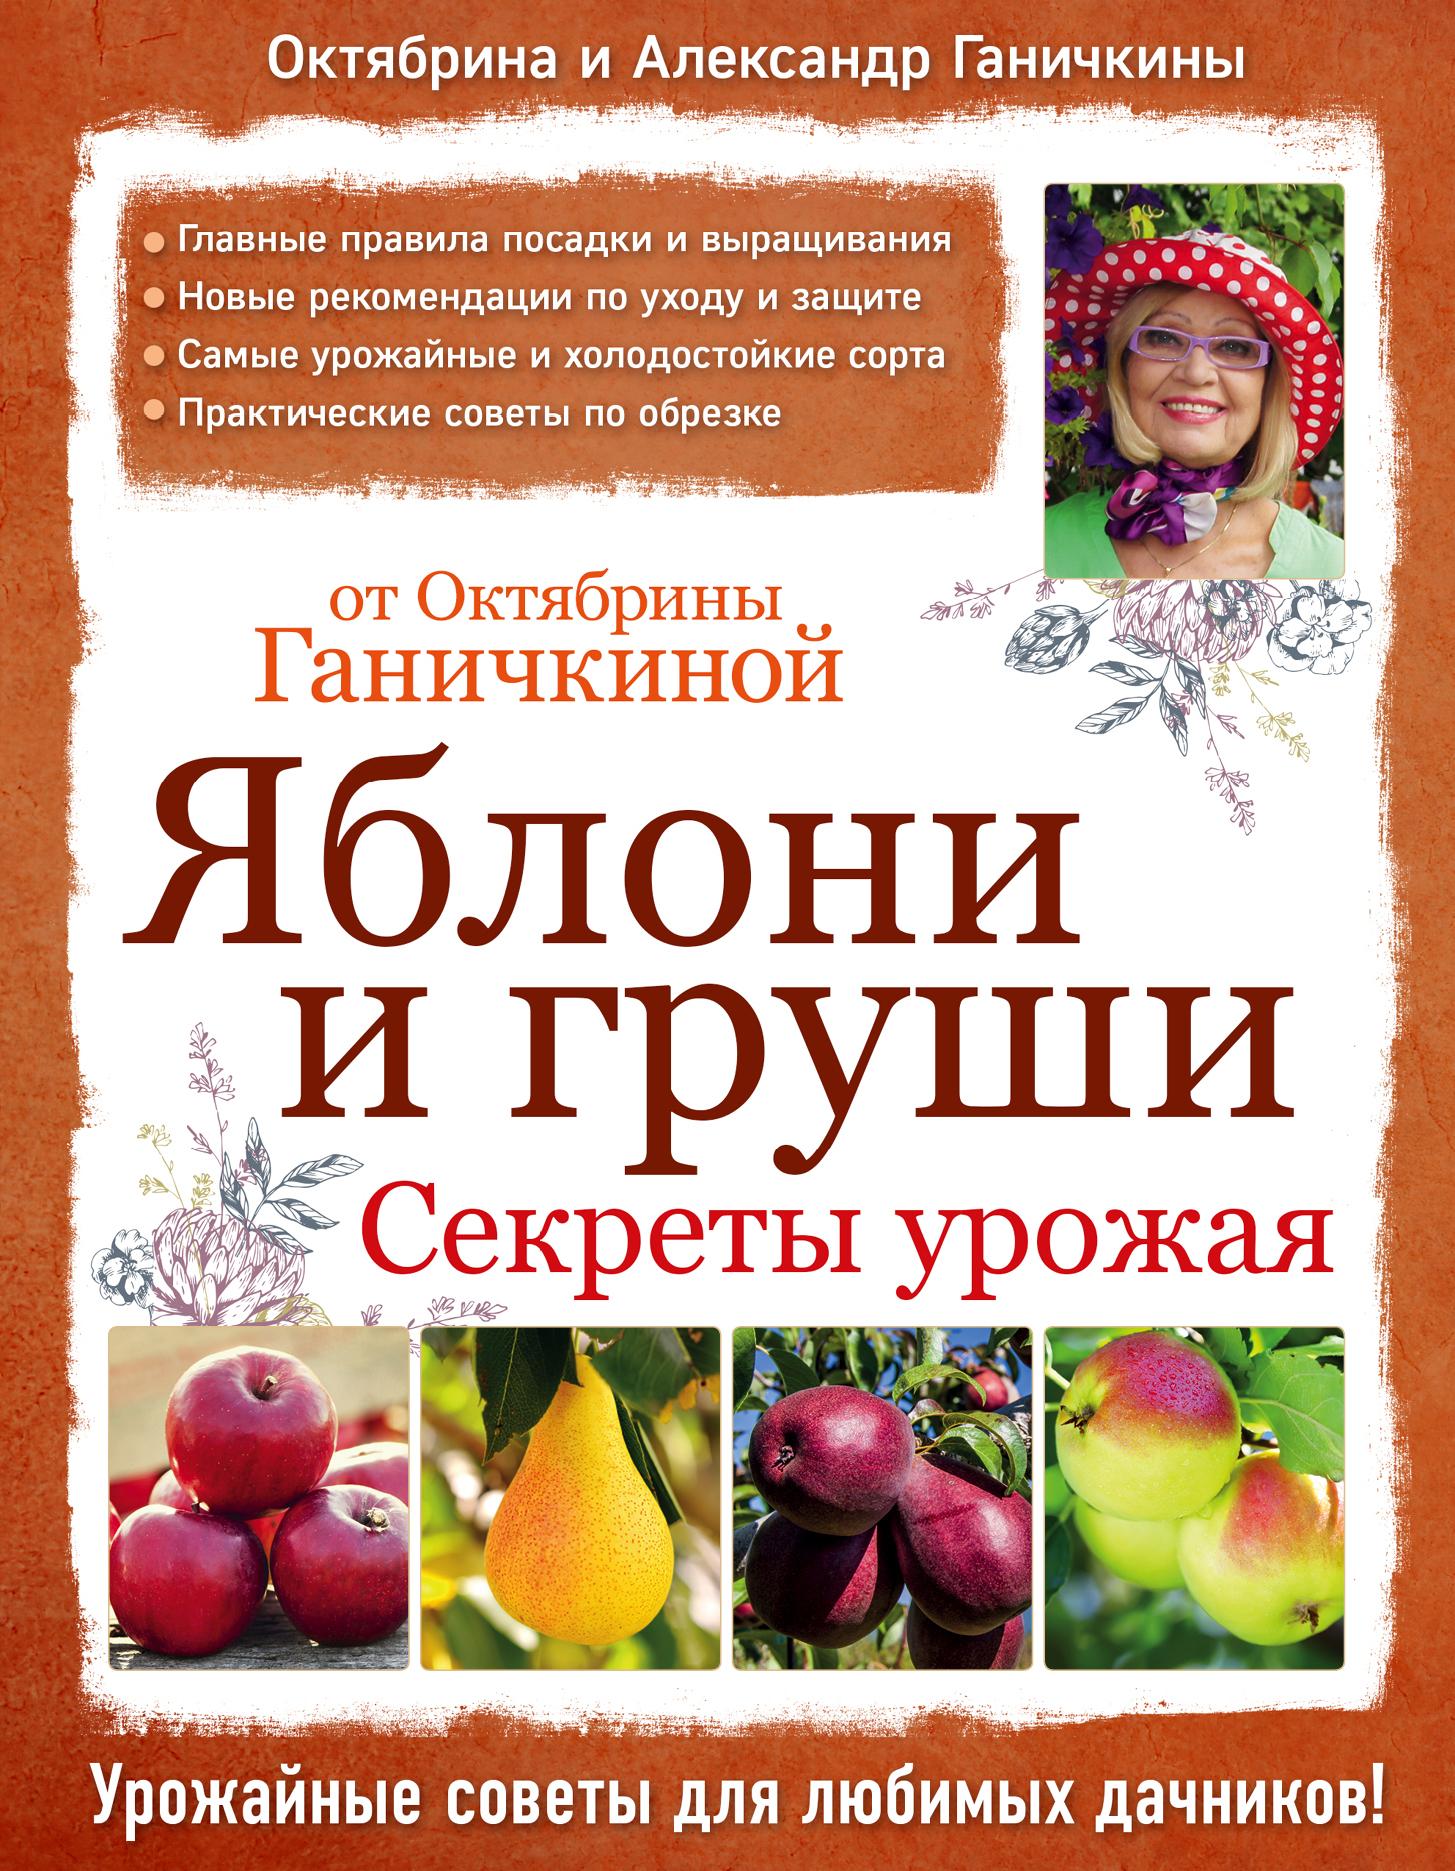 Октябрина Ганичкина Яблони и груши: секреты урожая от Октябрины Ганичкиной насос водоток